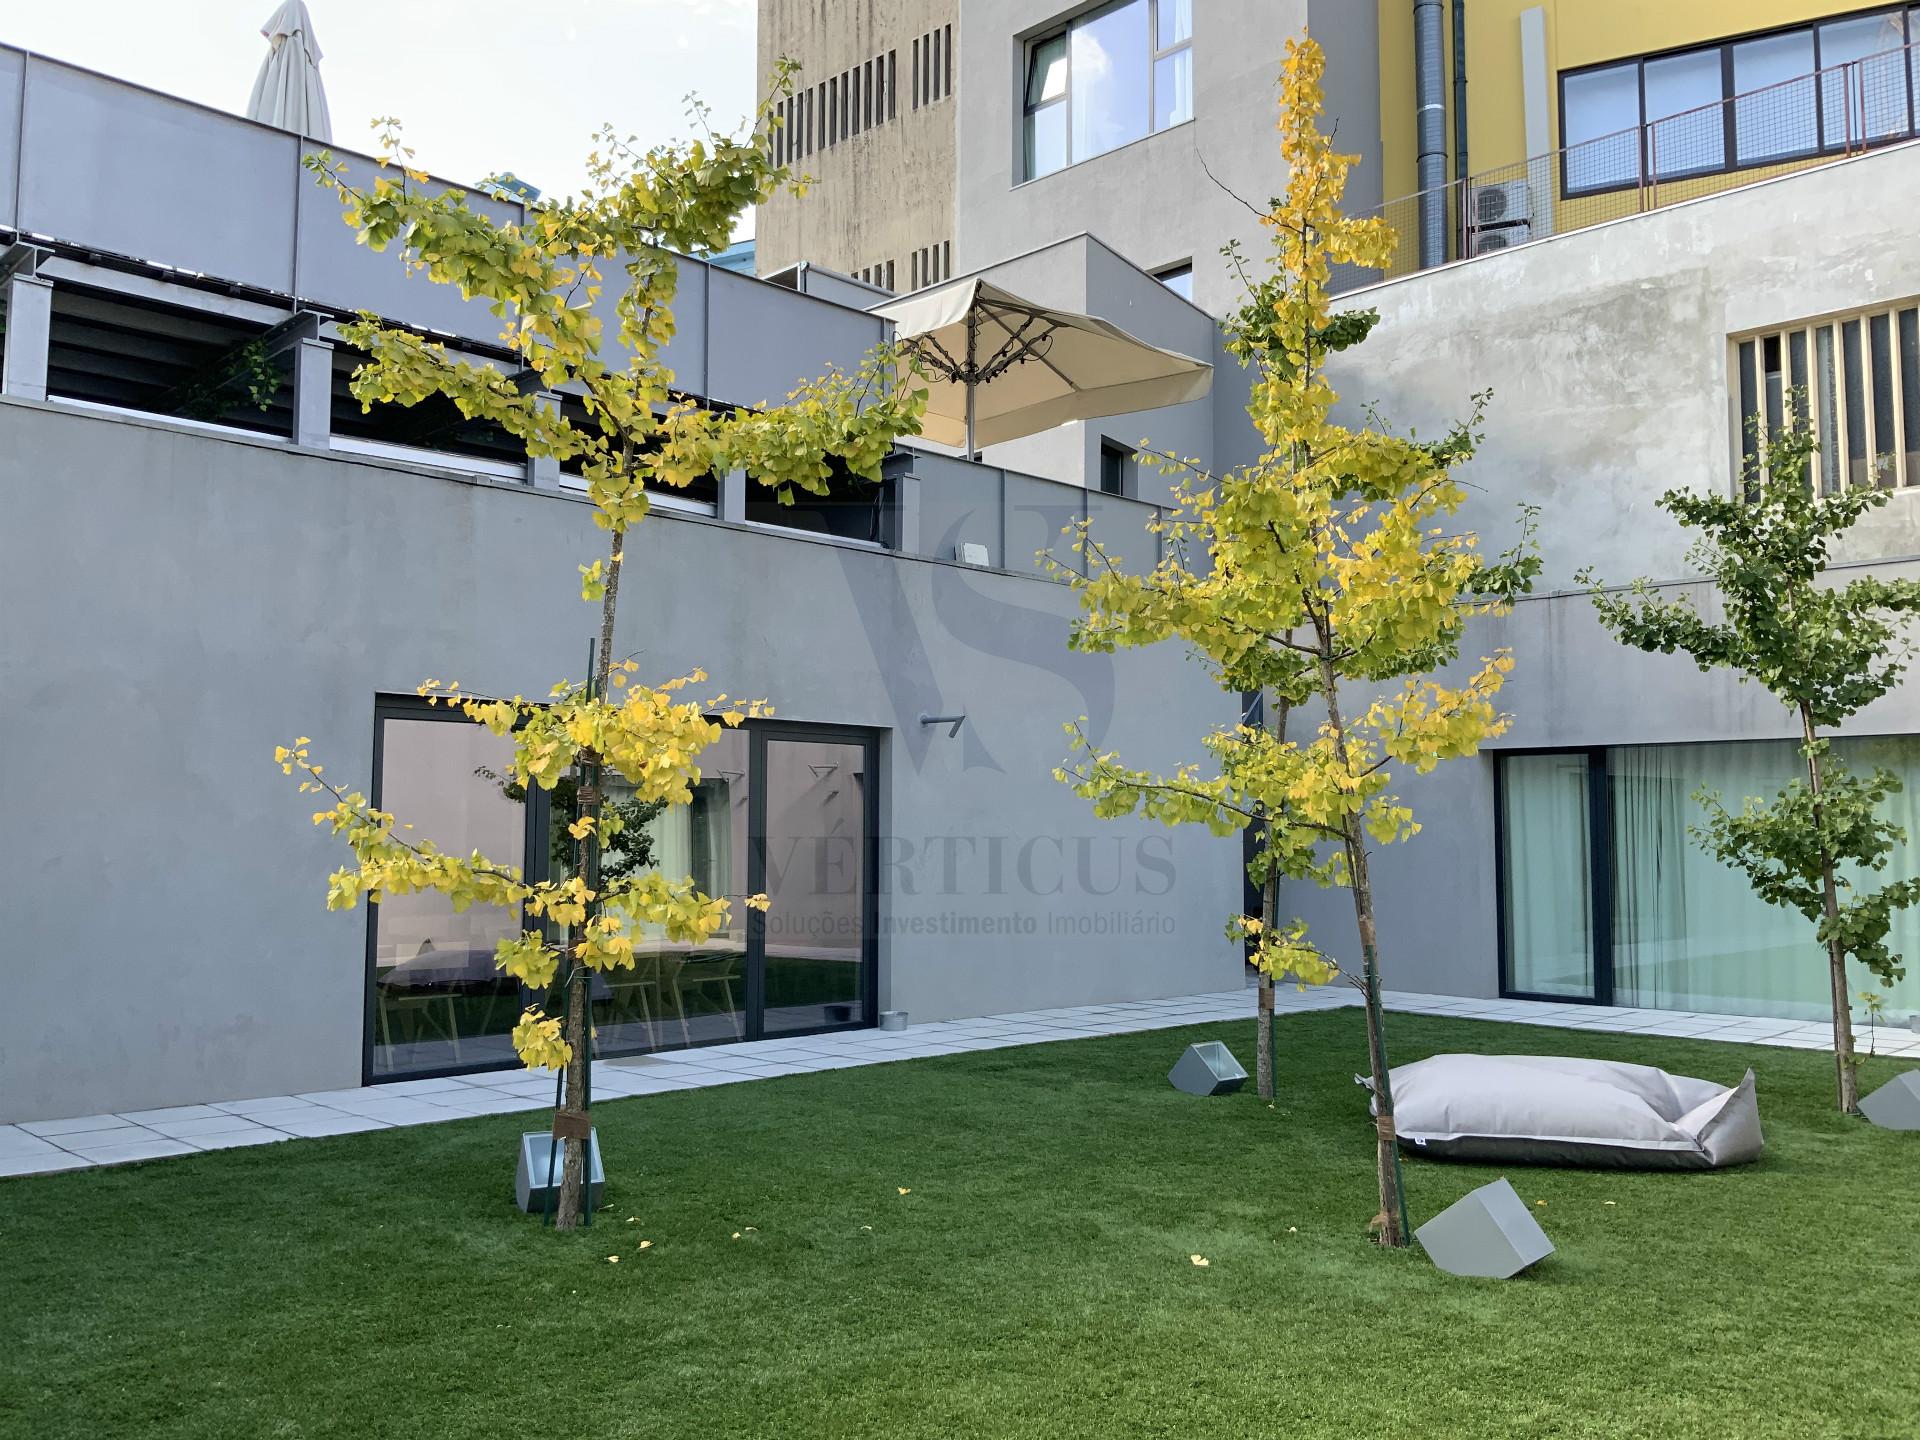 Edificio con 11 apartamentos locales (nuevos) en el centro de Oporto